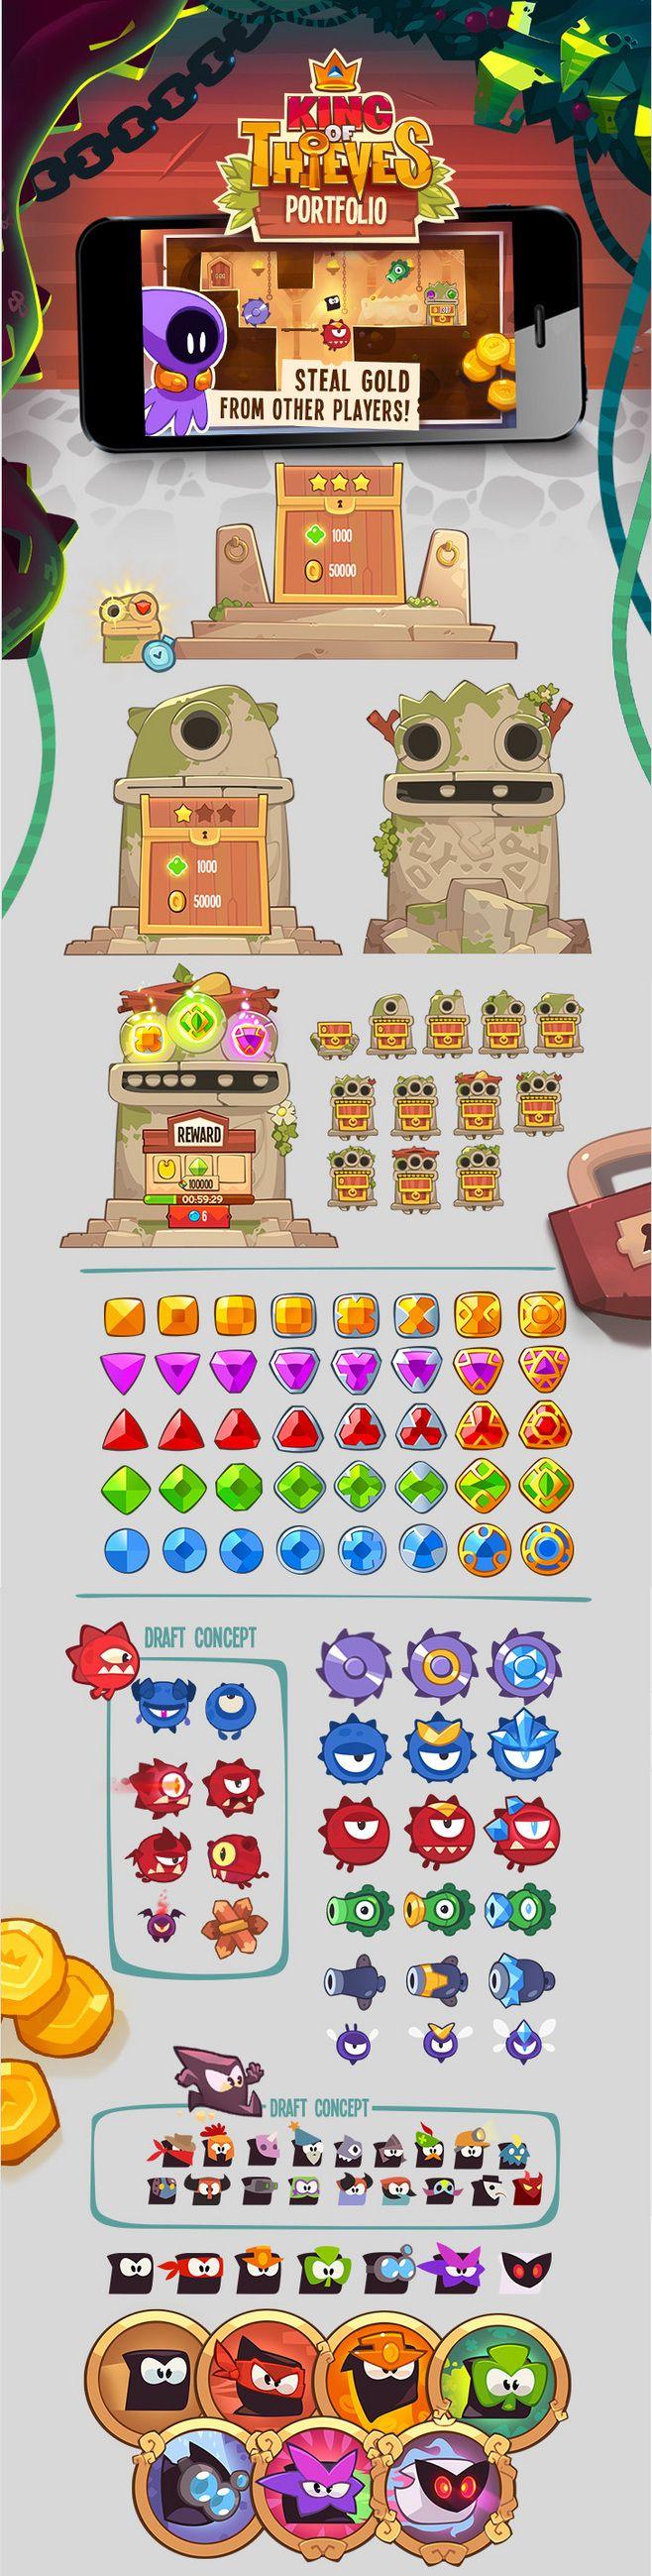 King of Thieves Game UI & Menu design